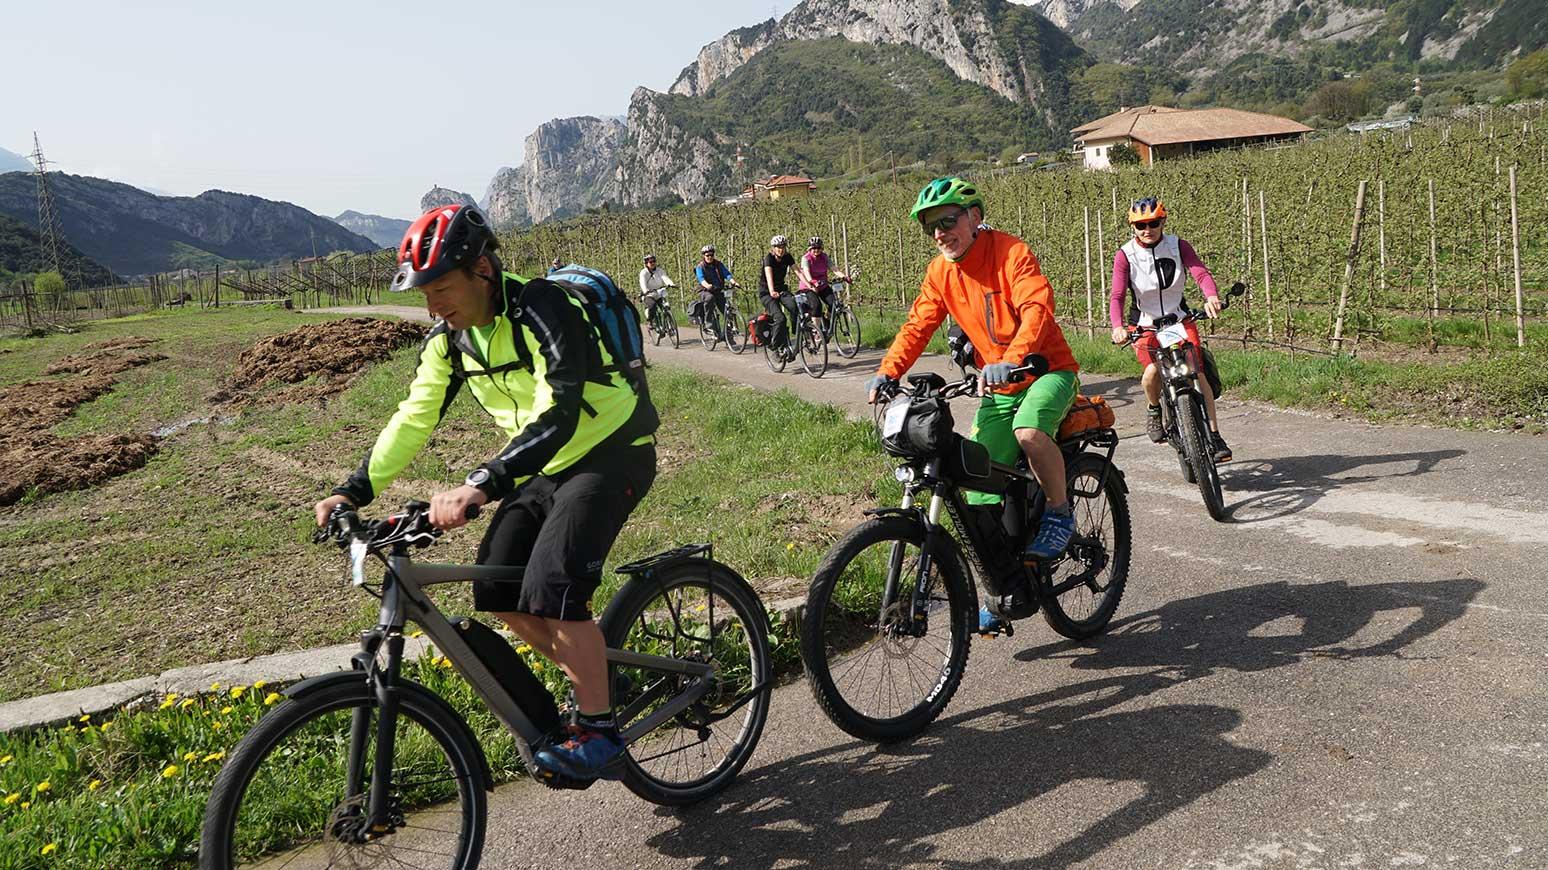 Leserreise Gardasee 2018: Die Tour 1 führt uns ins Sarca-Tal, mit Weinprobe sowie Eisessen in der Sommerfrische Arco